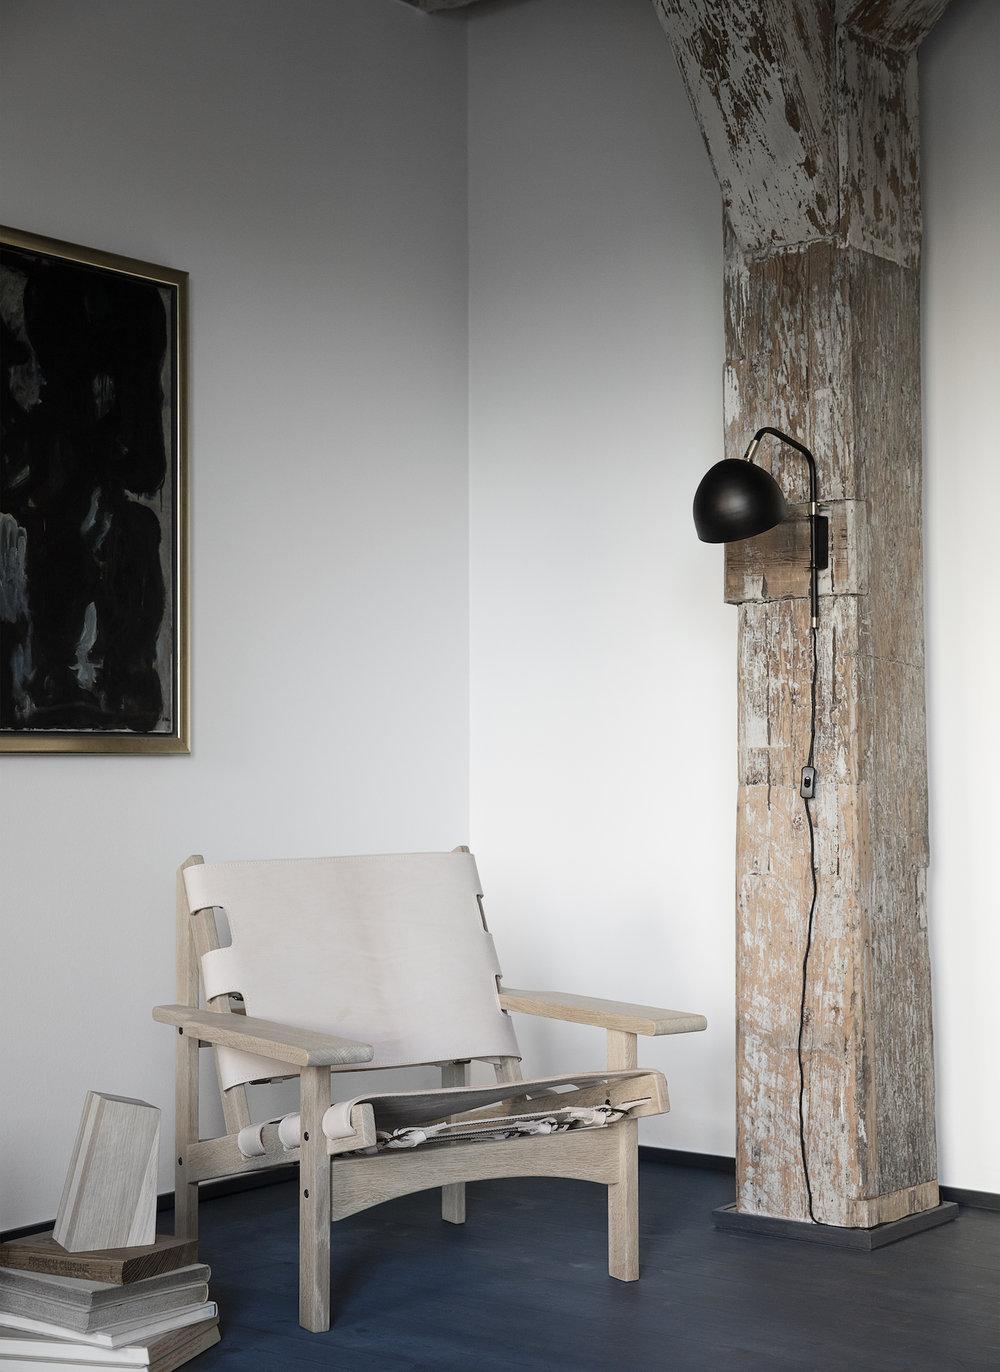 Klassik Studio Studio 1 Wall Lamp.jpg